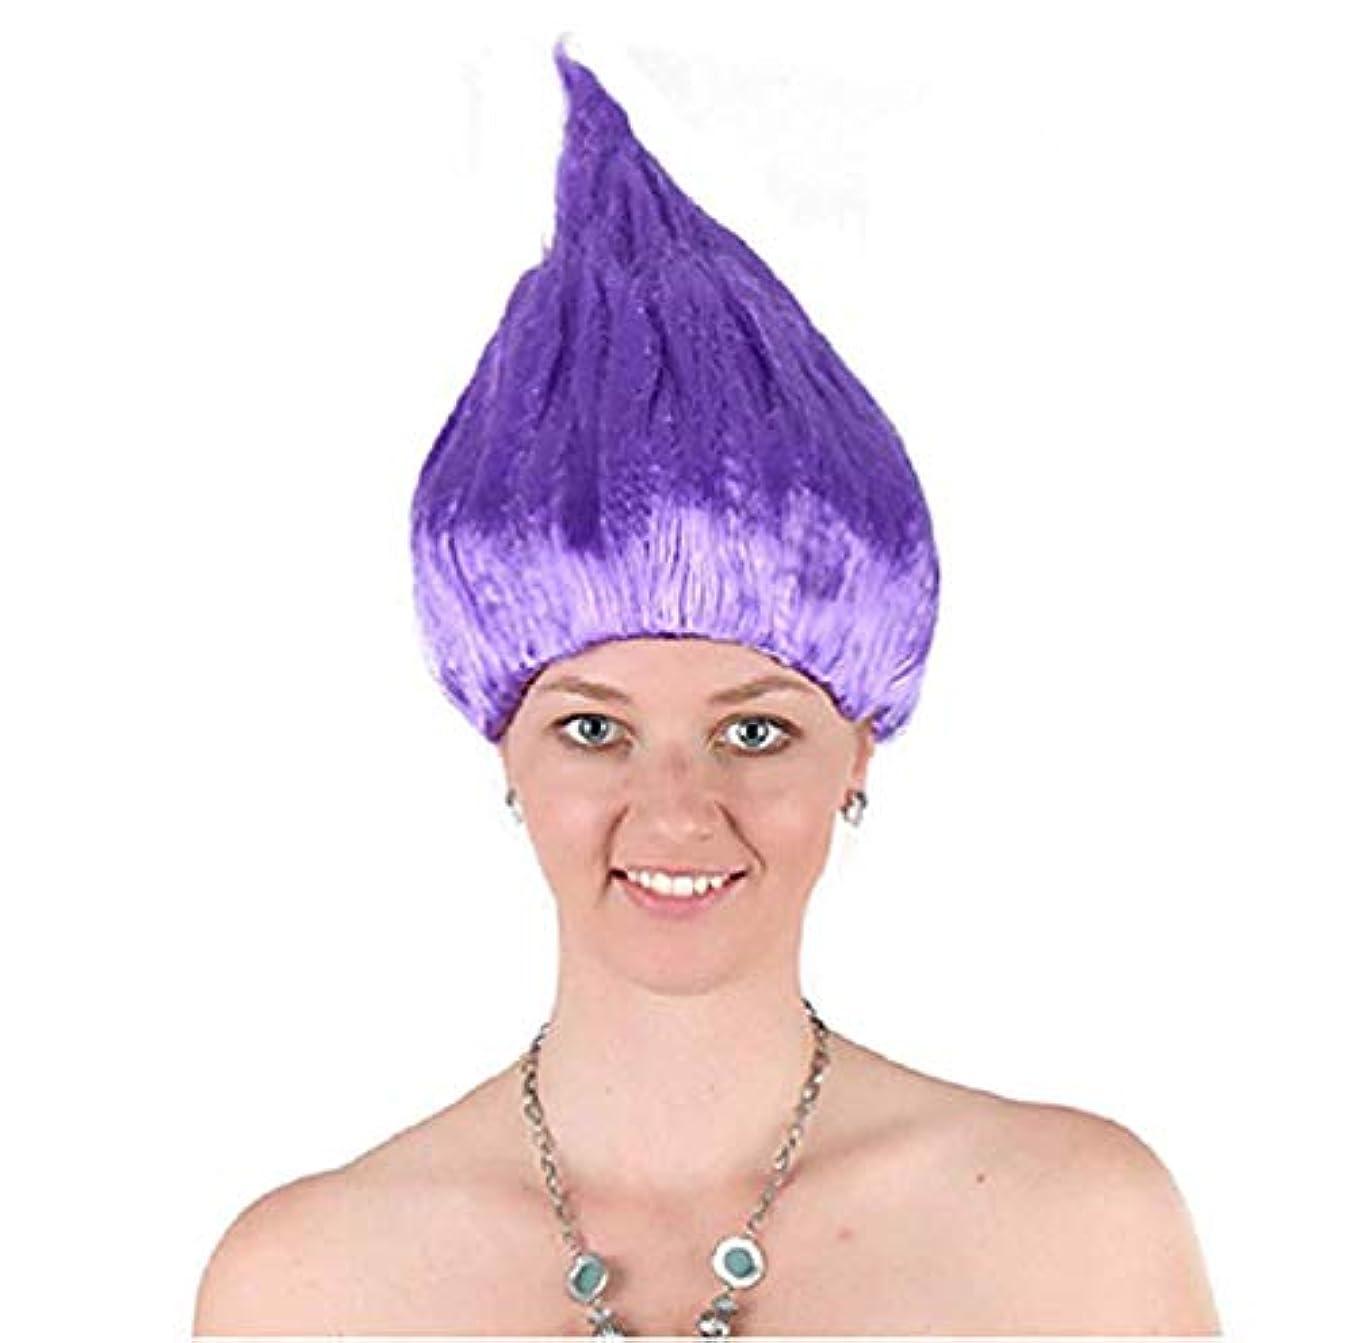 評価する誘う怪物かつら新しいファッション男性女性髪髪耐熱マルチカラーかつらコスプレハロウィンクリスマスパーティー